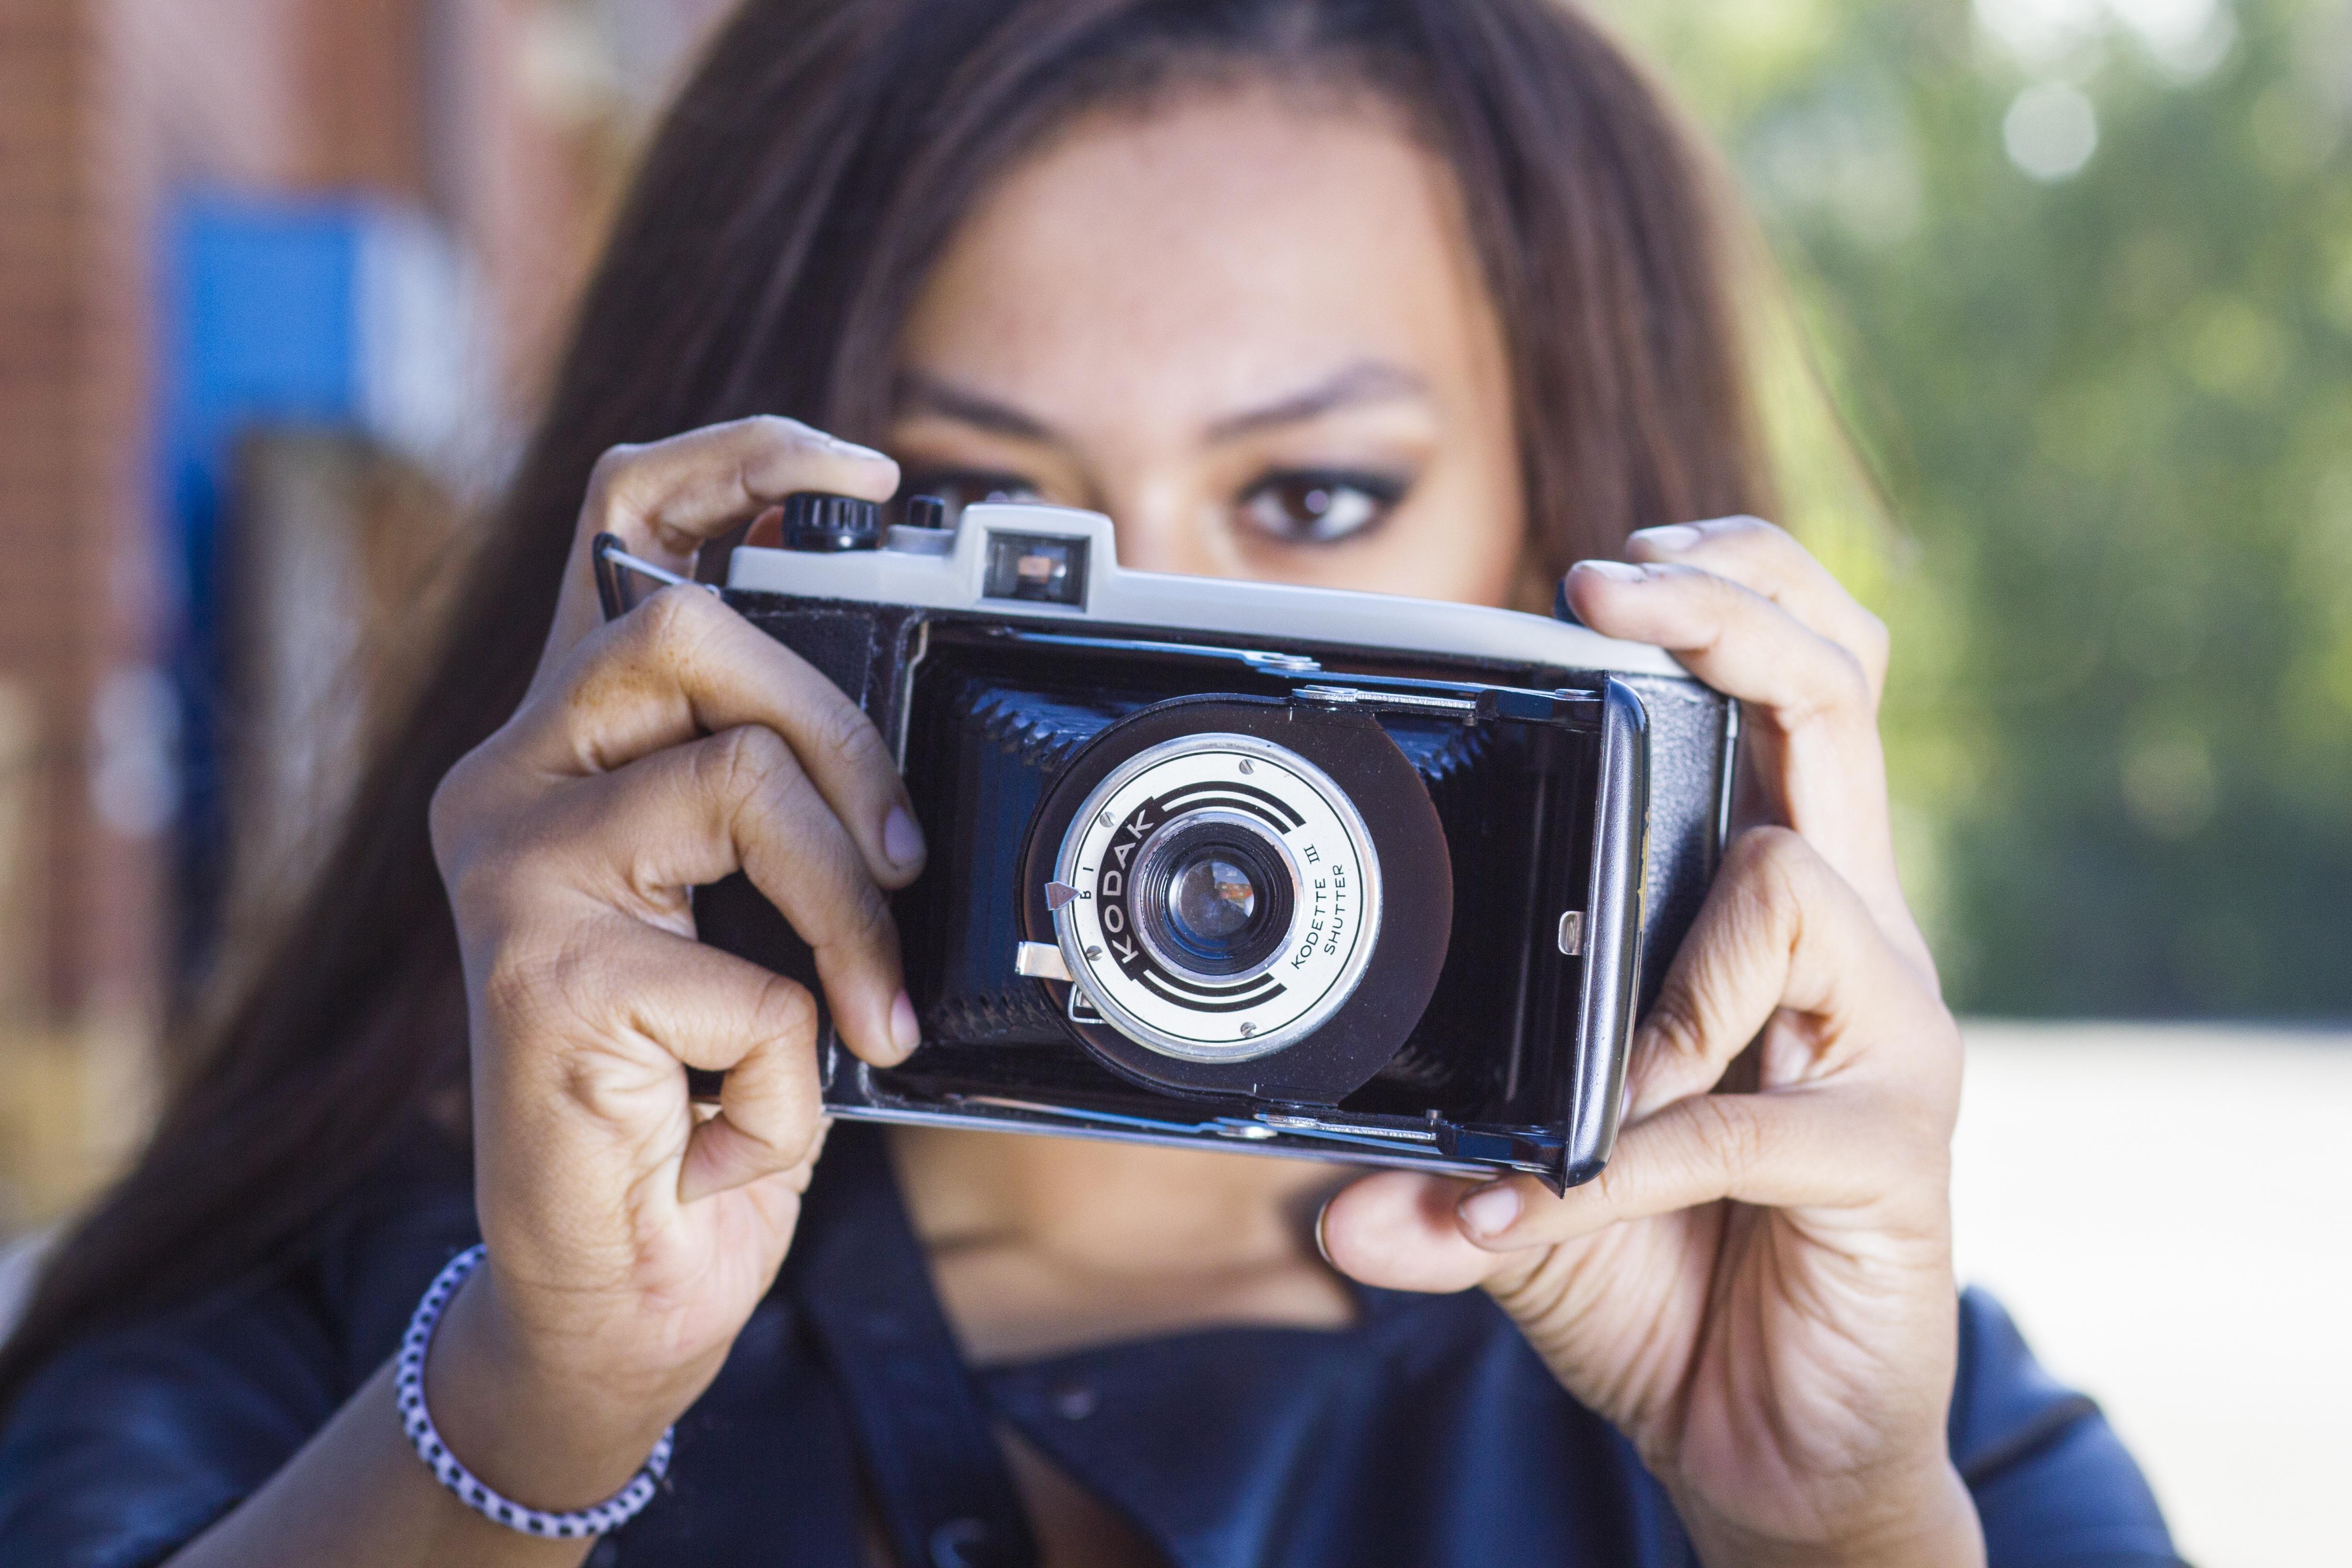 как фотографировать на цифровую камеру без бликов большому